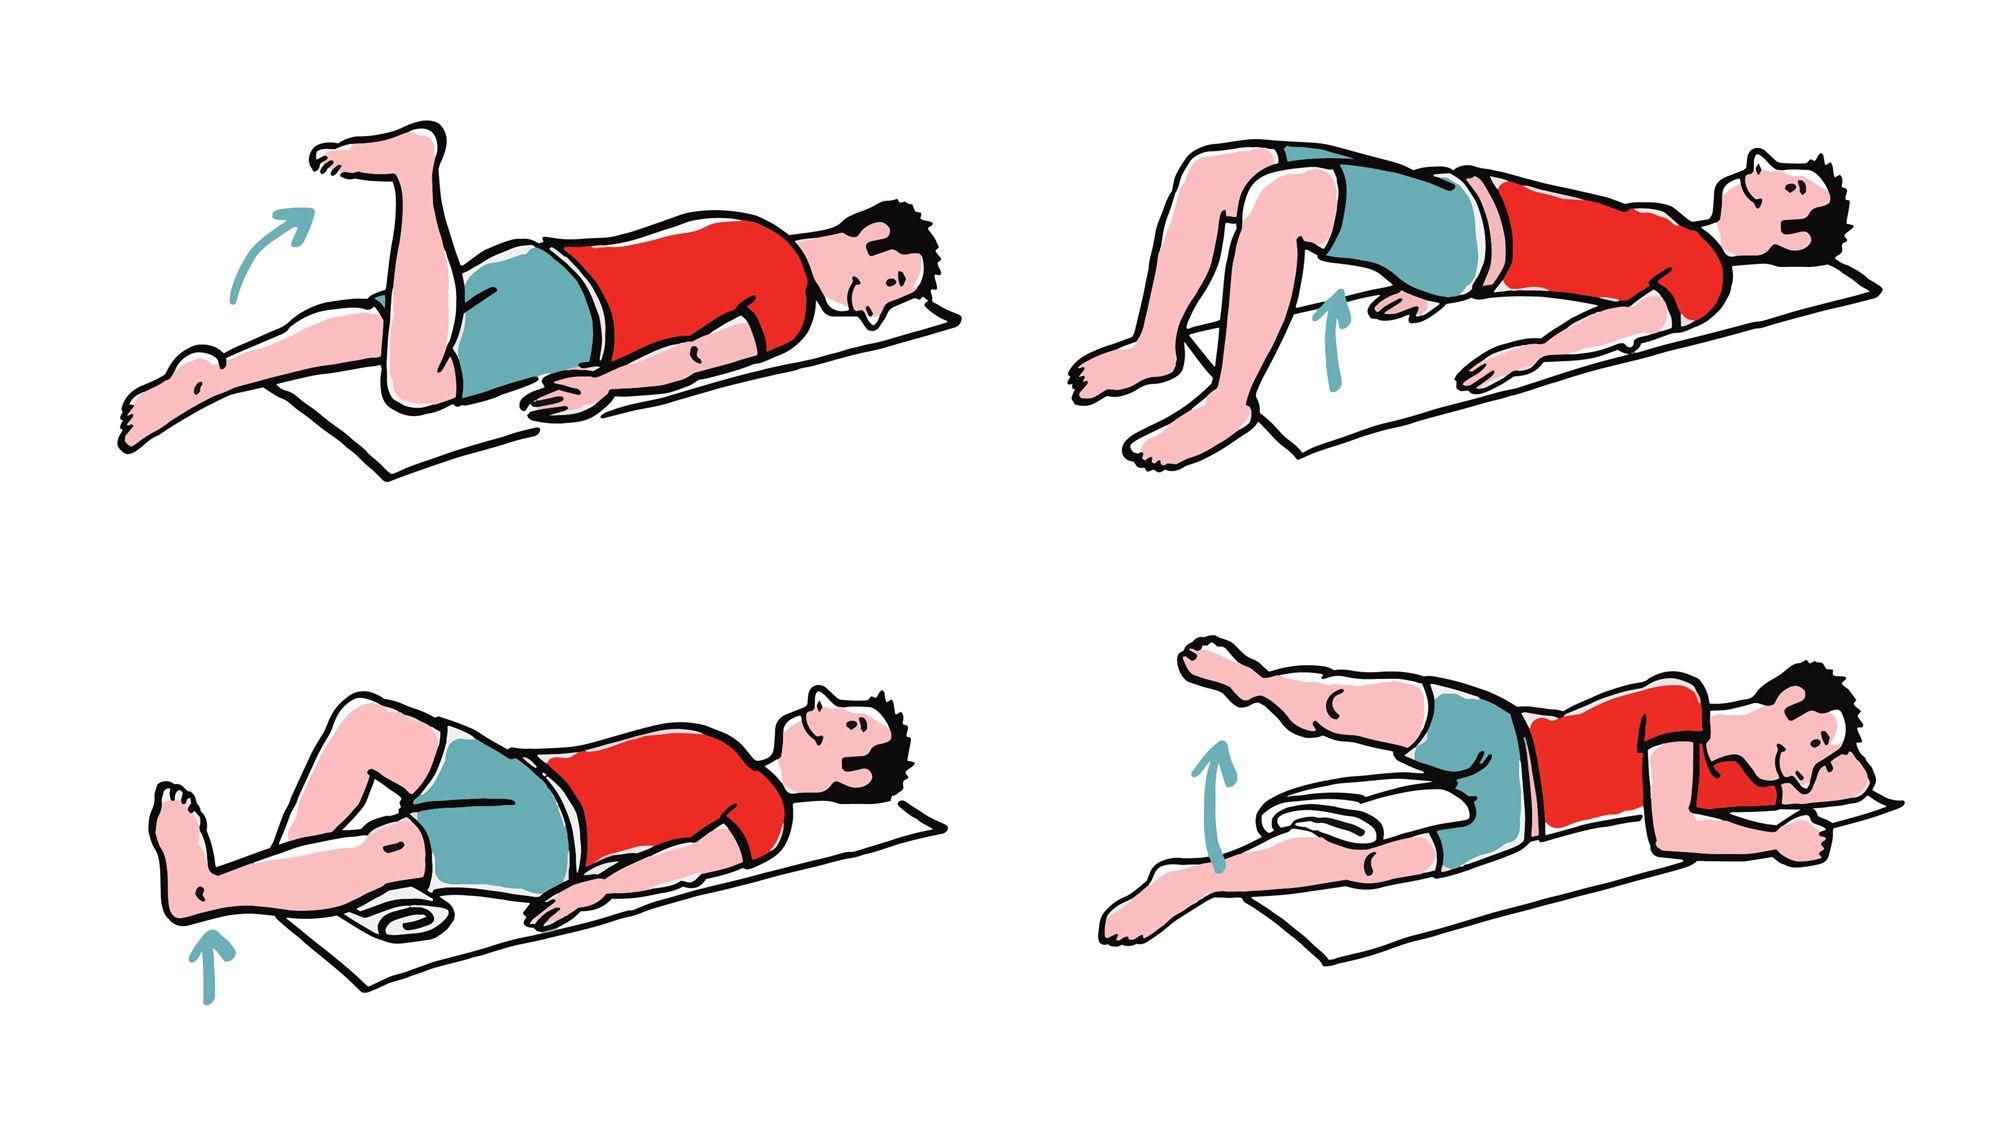 ćwiczenia staw kolanowy 4